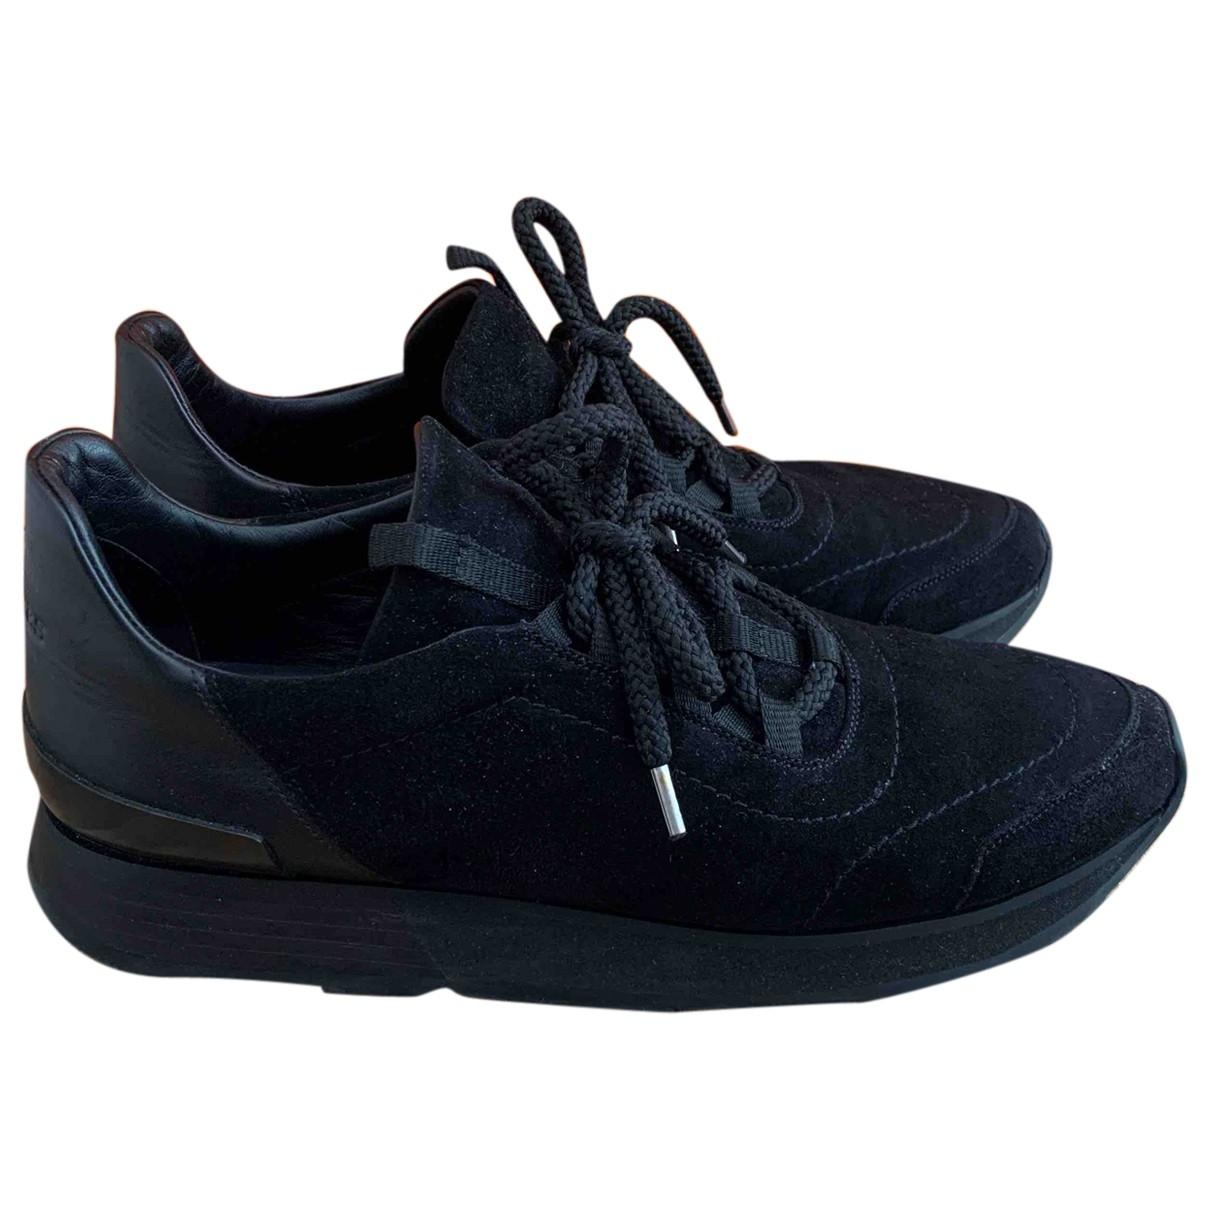 Hermes - Baskets Miles pour femme en cuir - noir